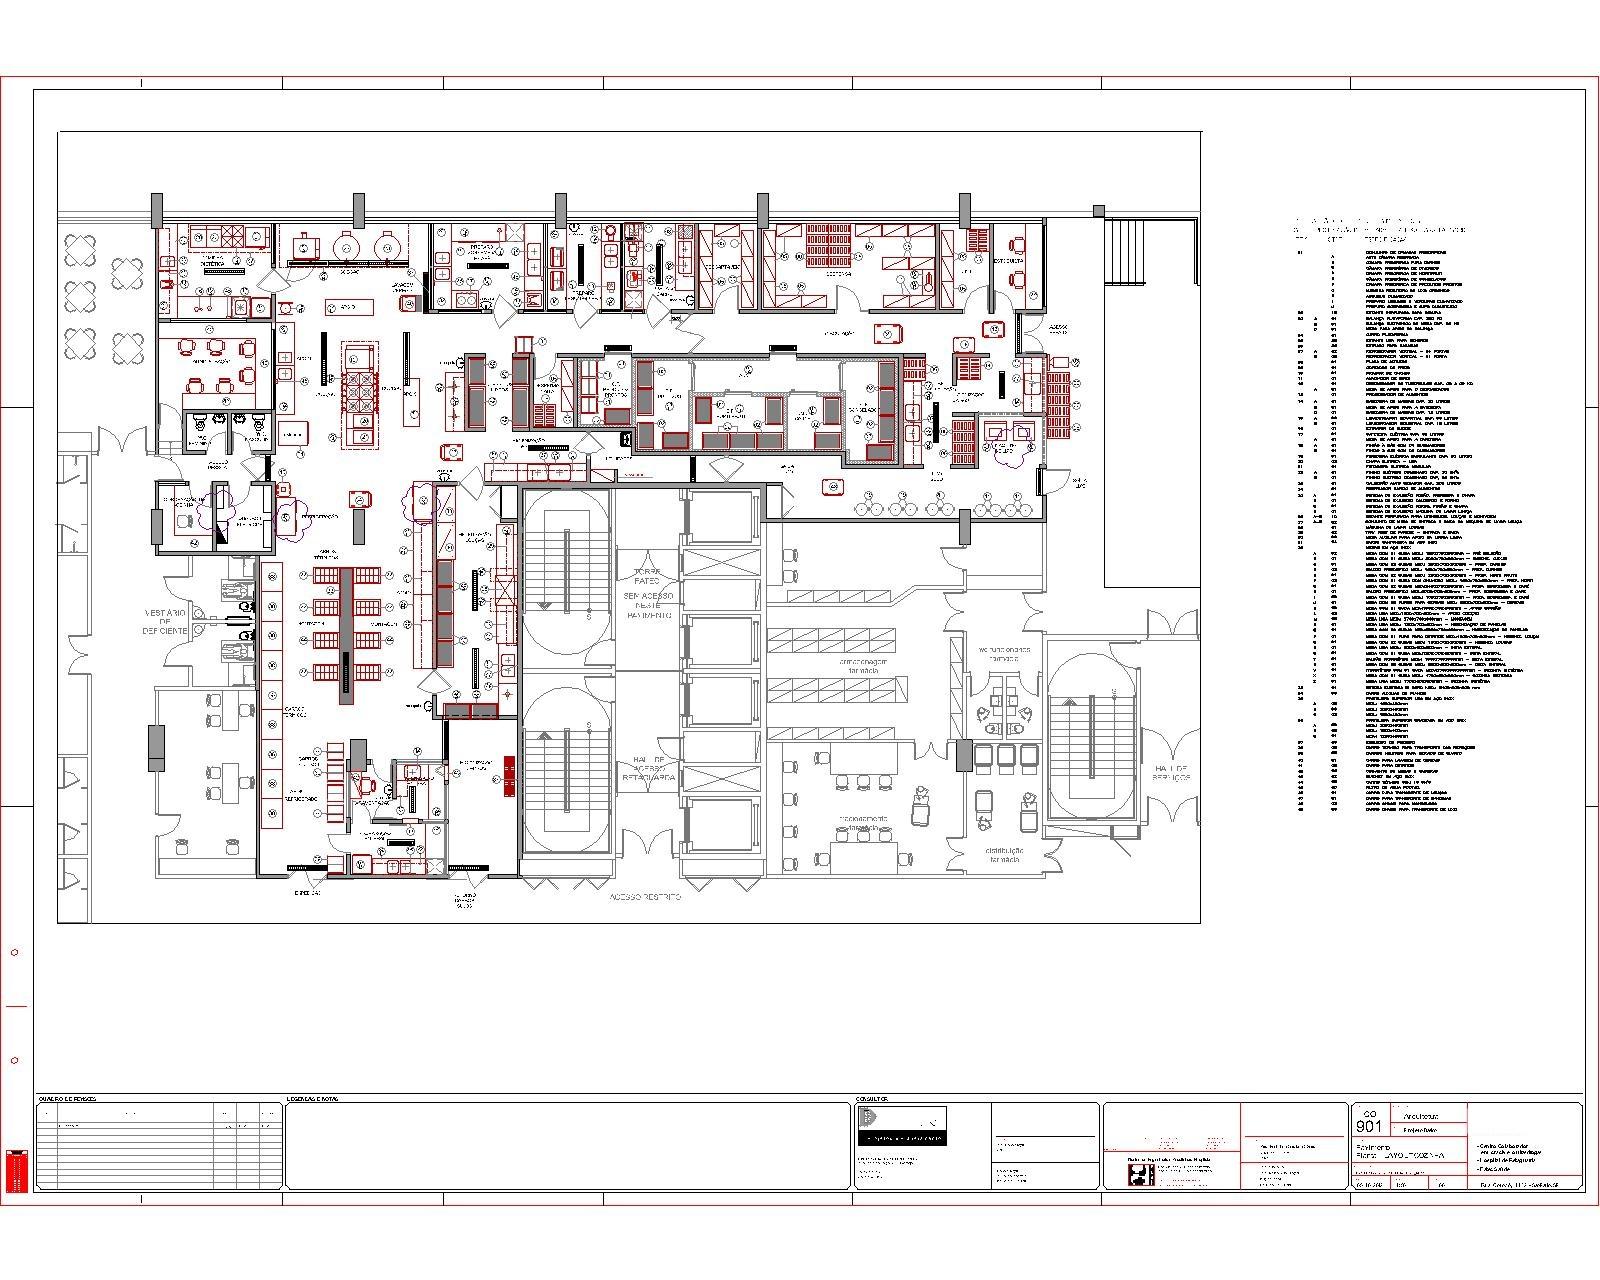 #BB1010 Ante projeto Hospitalar Dimensão 1600x1280 px Projeto Cozinha Confeitaria #2489 imagens